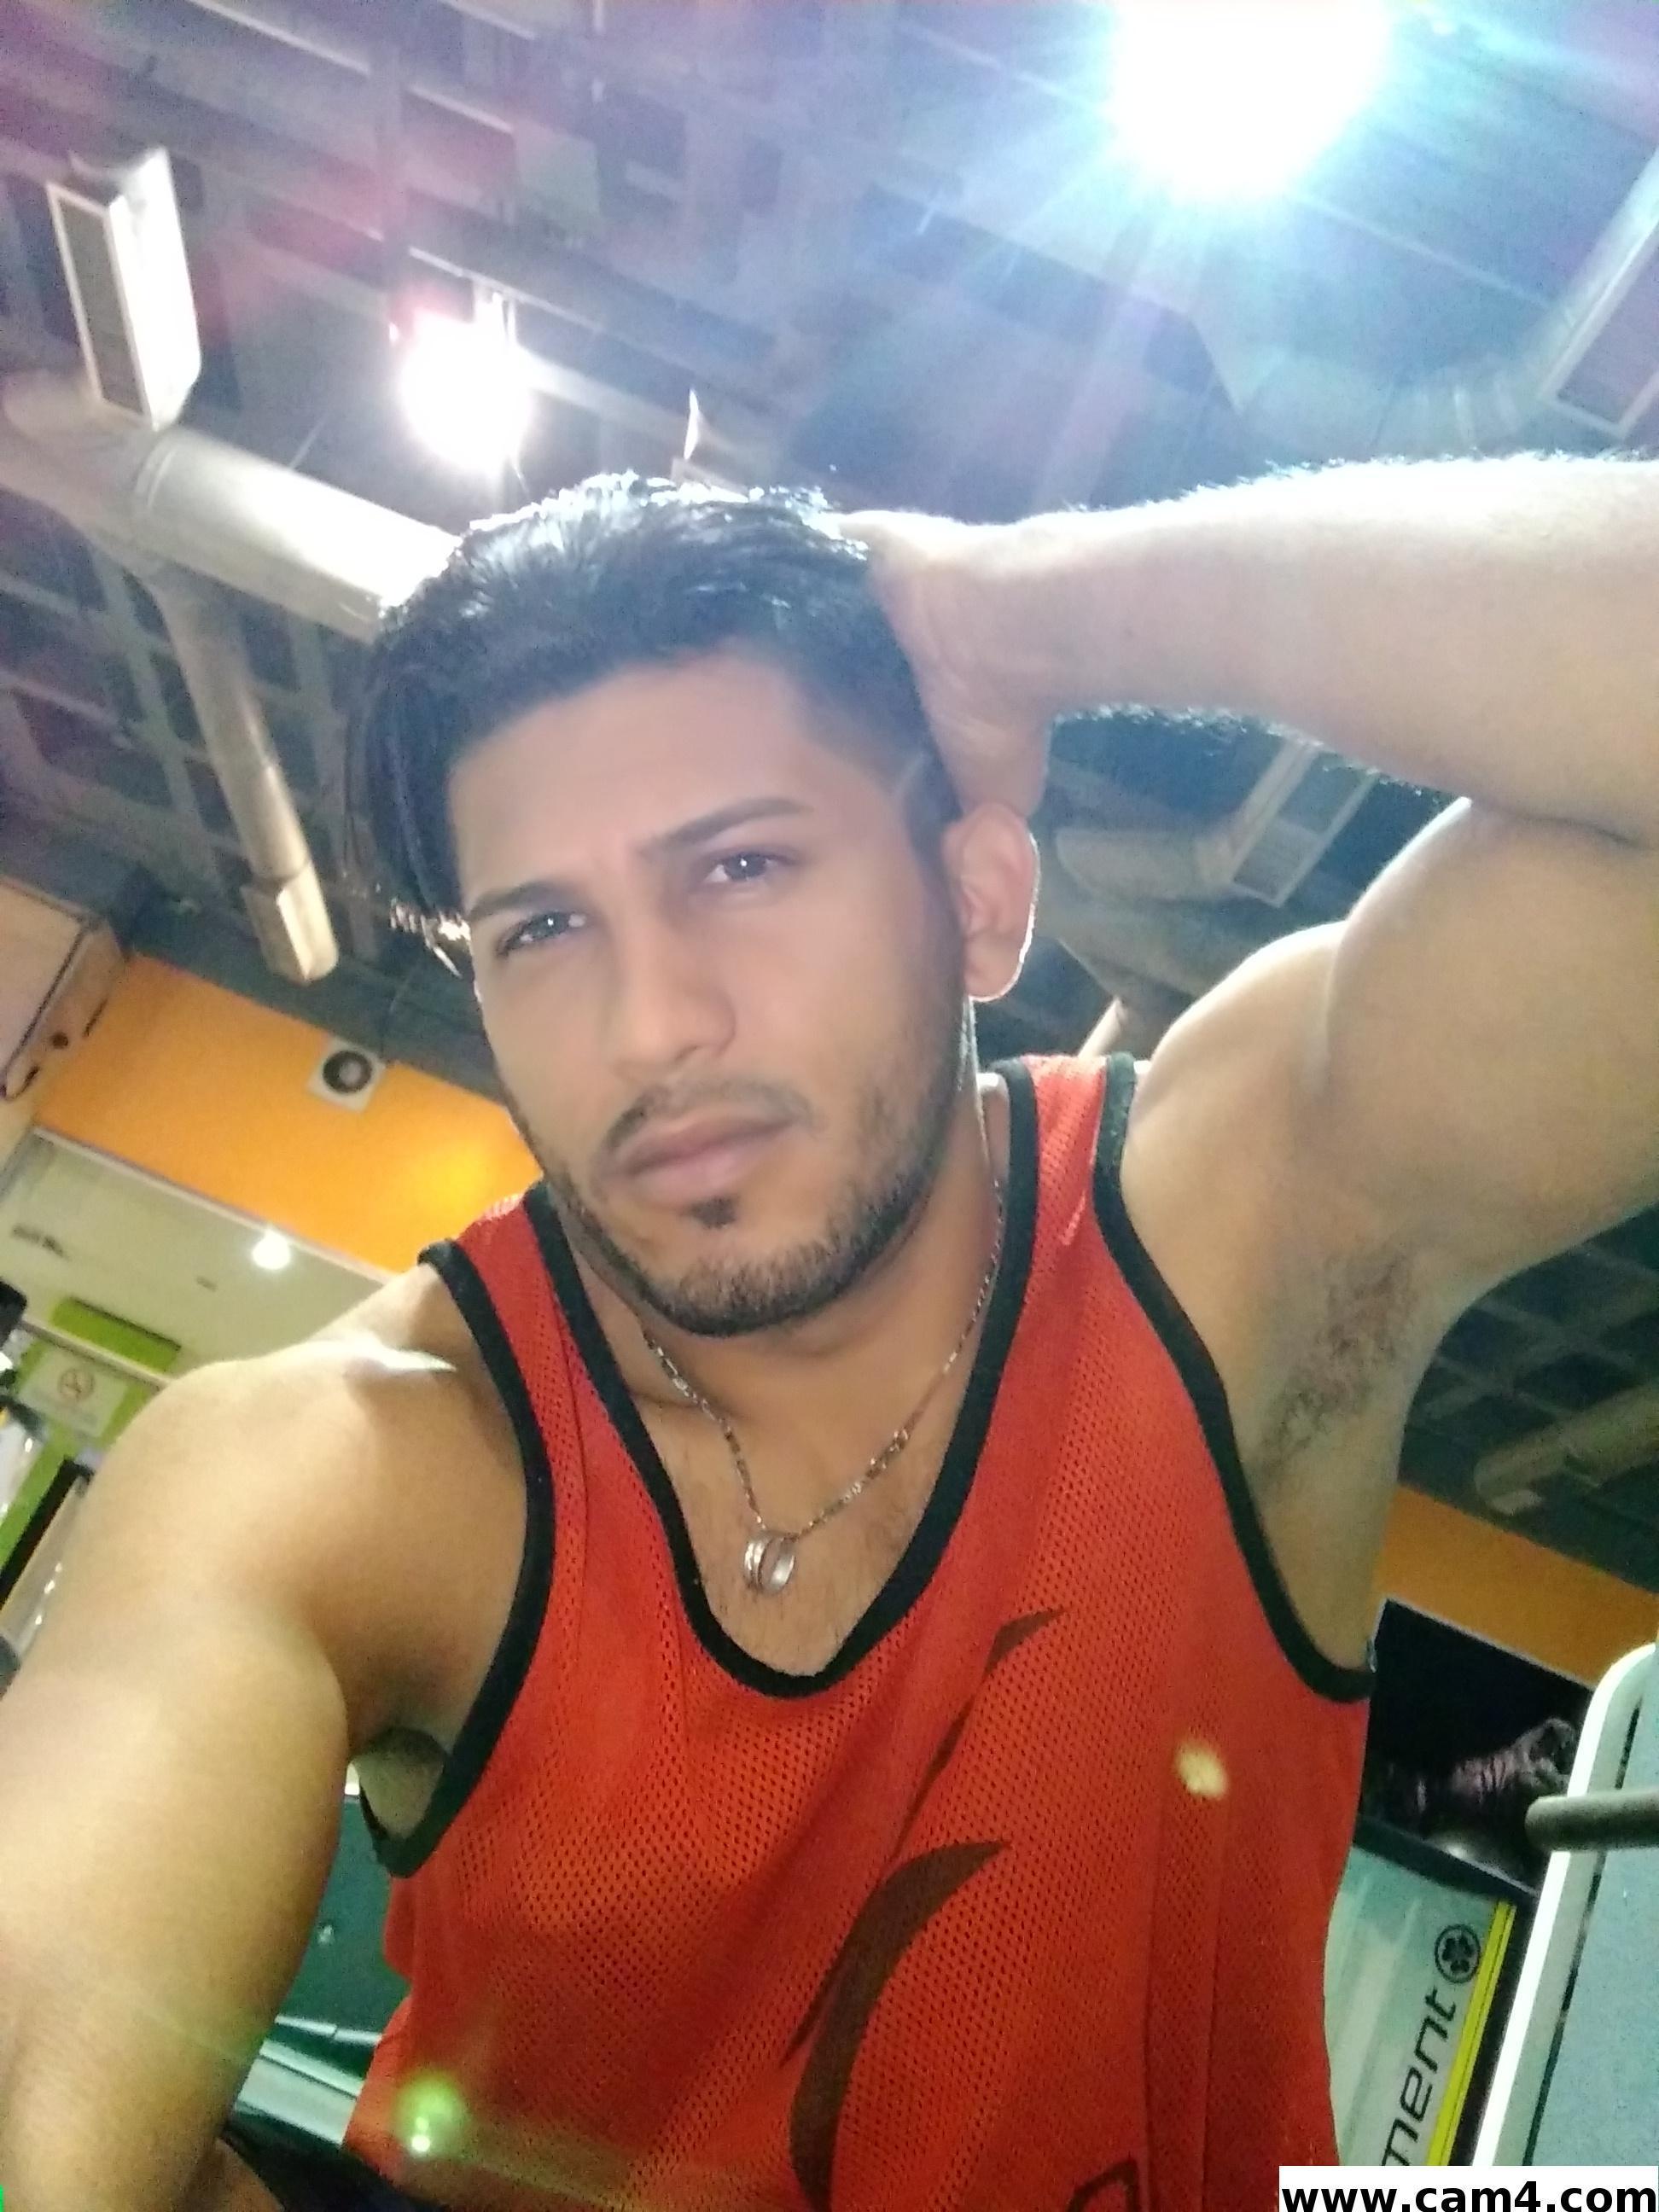 Ricardo0286?s=sfrw2zaky4b994f9kxaaqwovx924djrntzufr6giqcc=